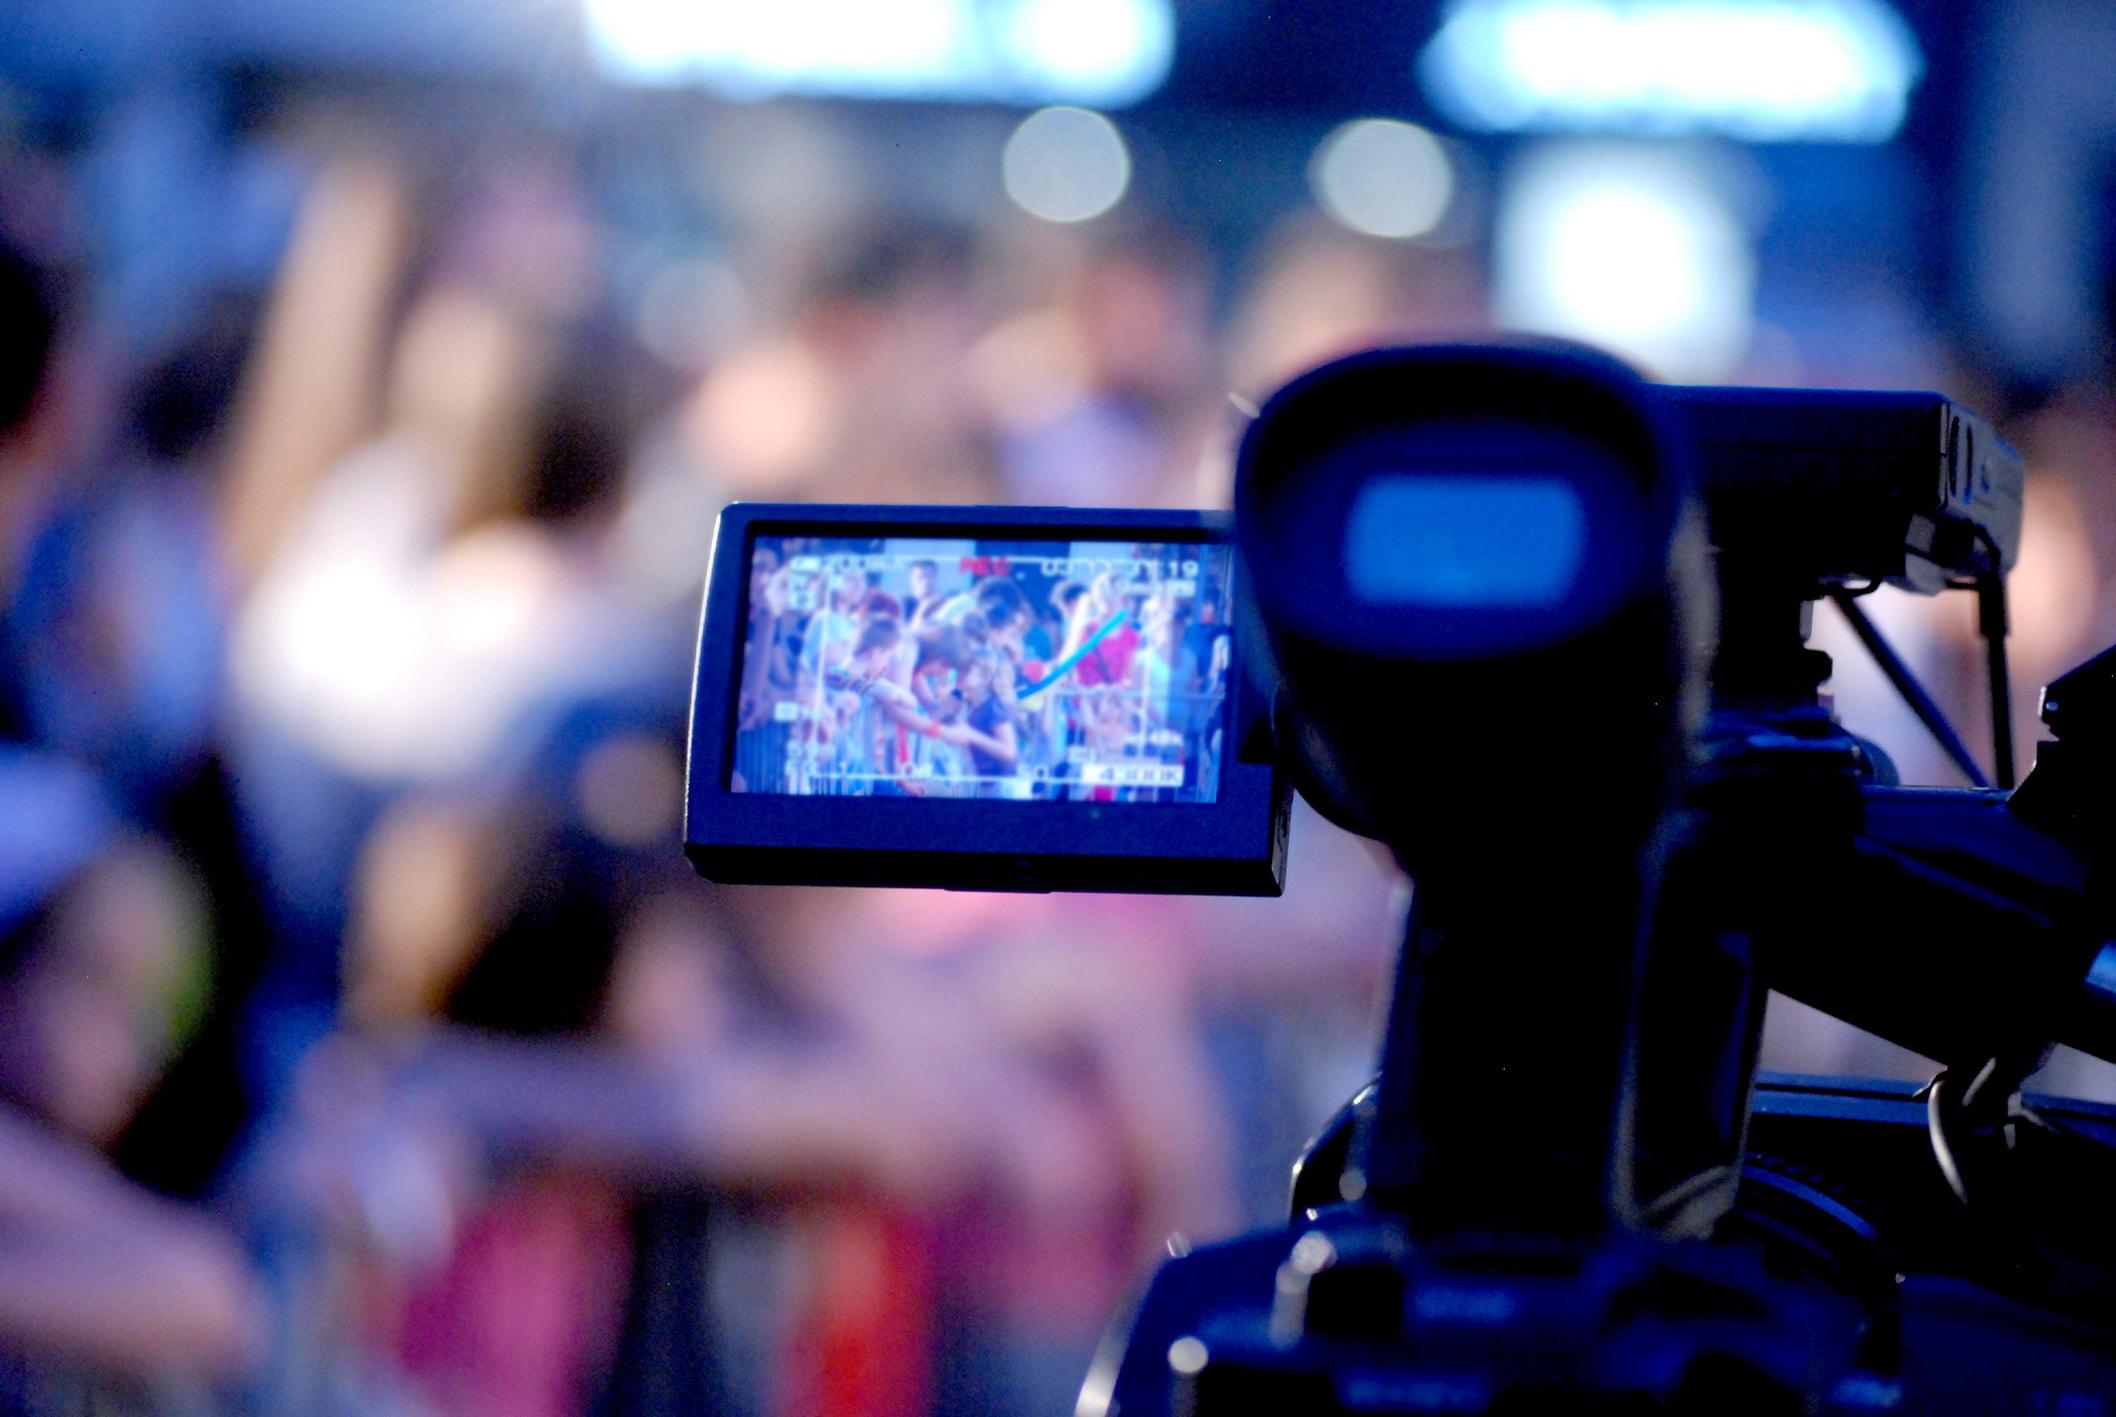 Live streaming software Producer Livestream